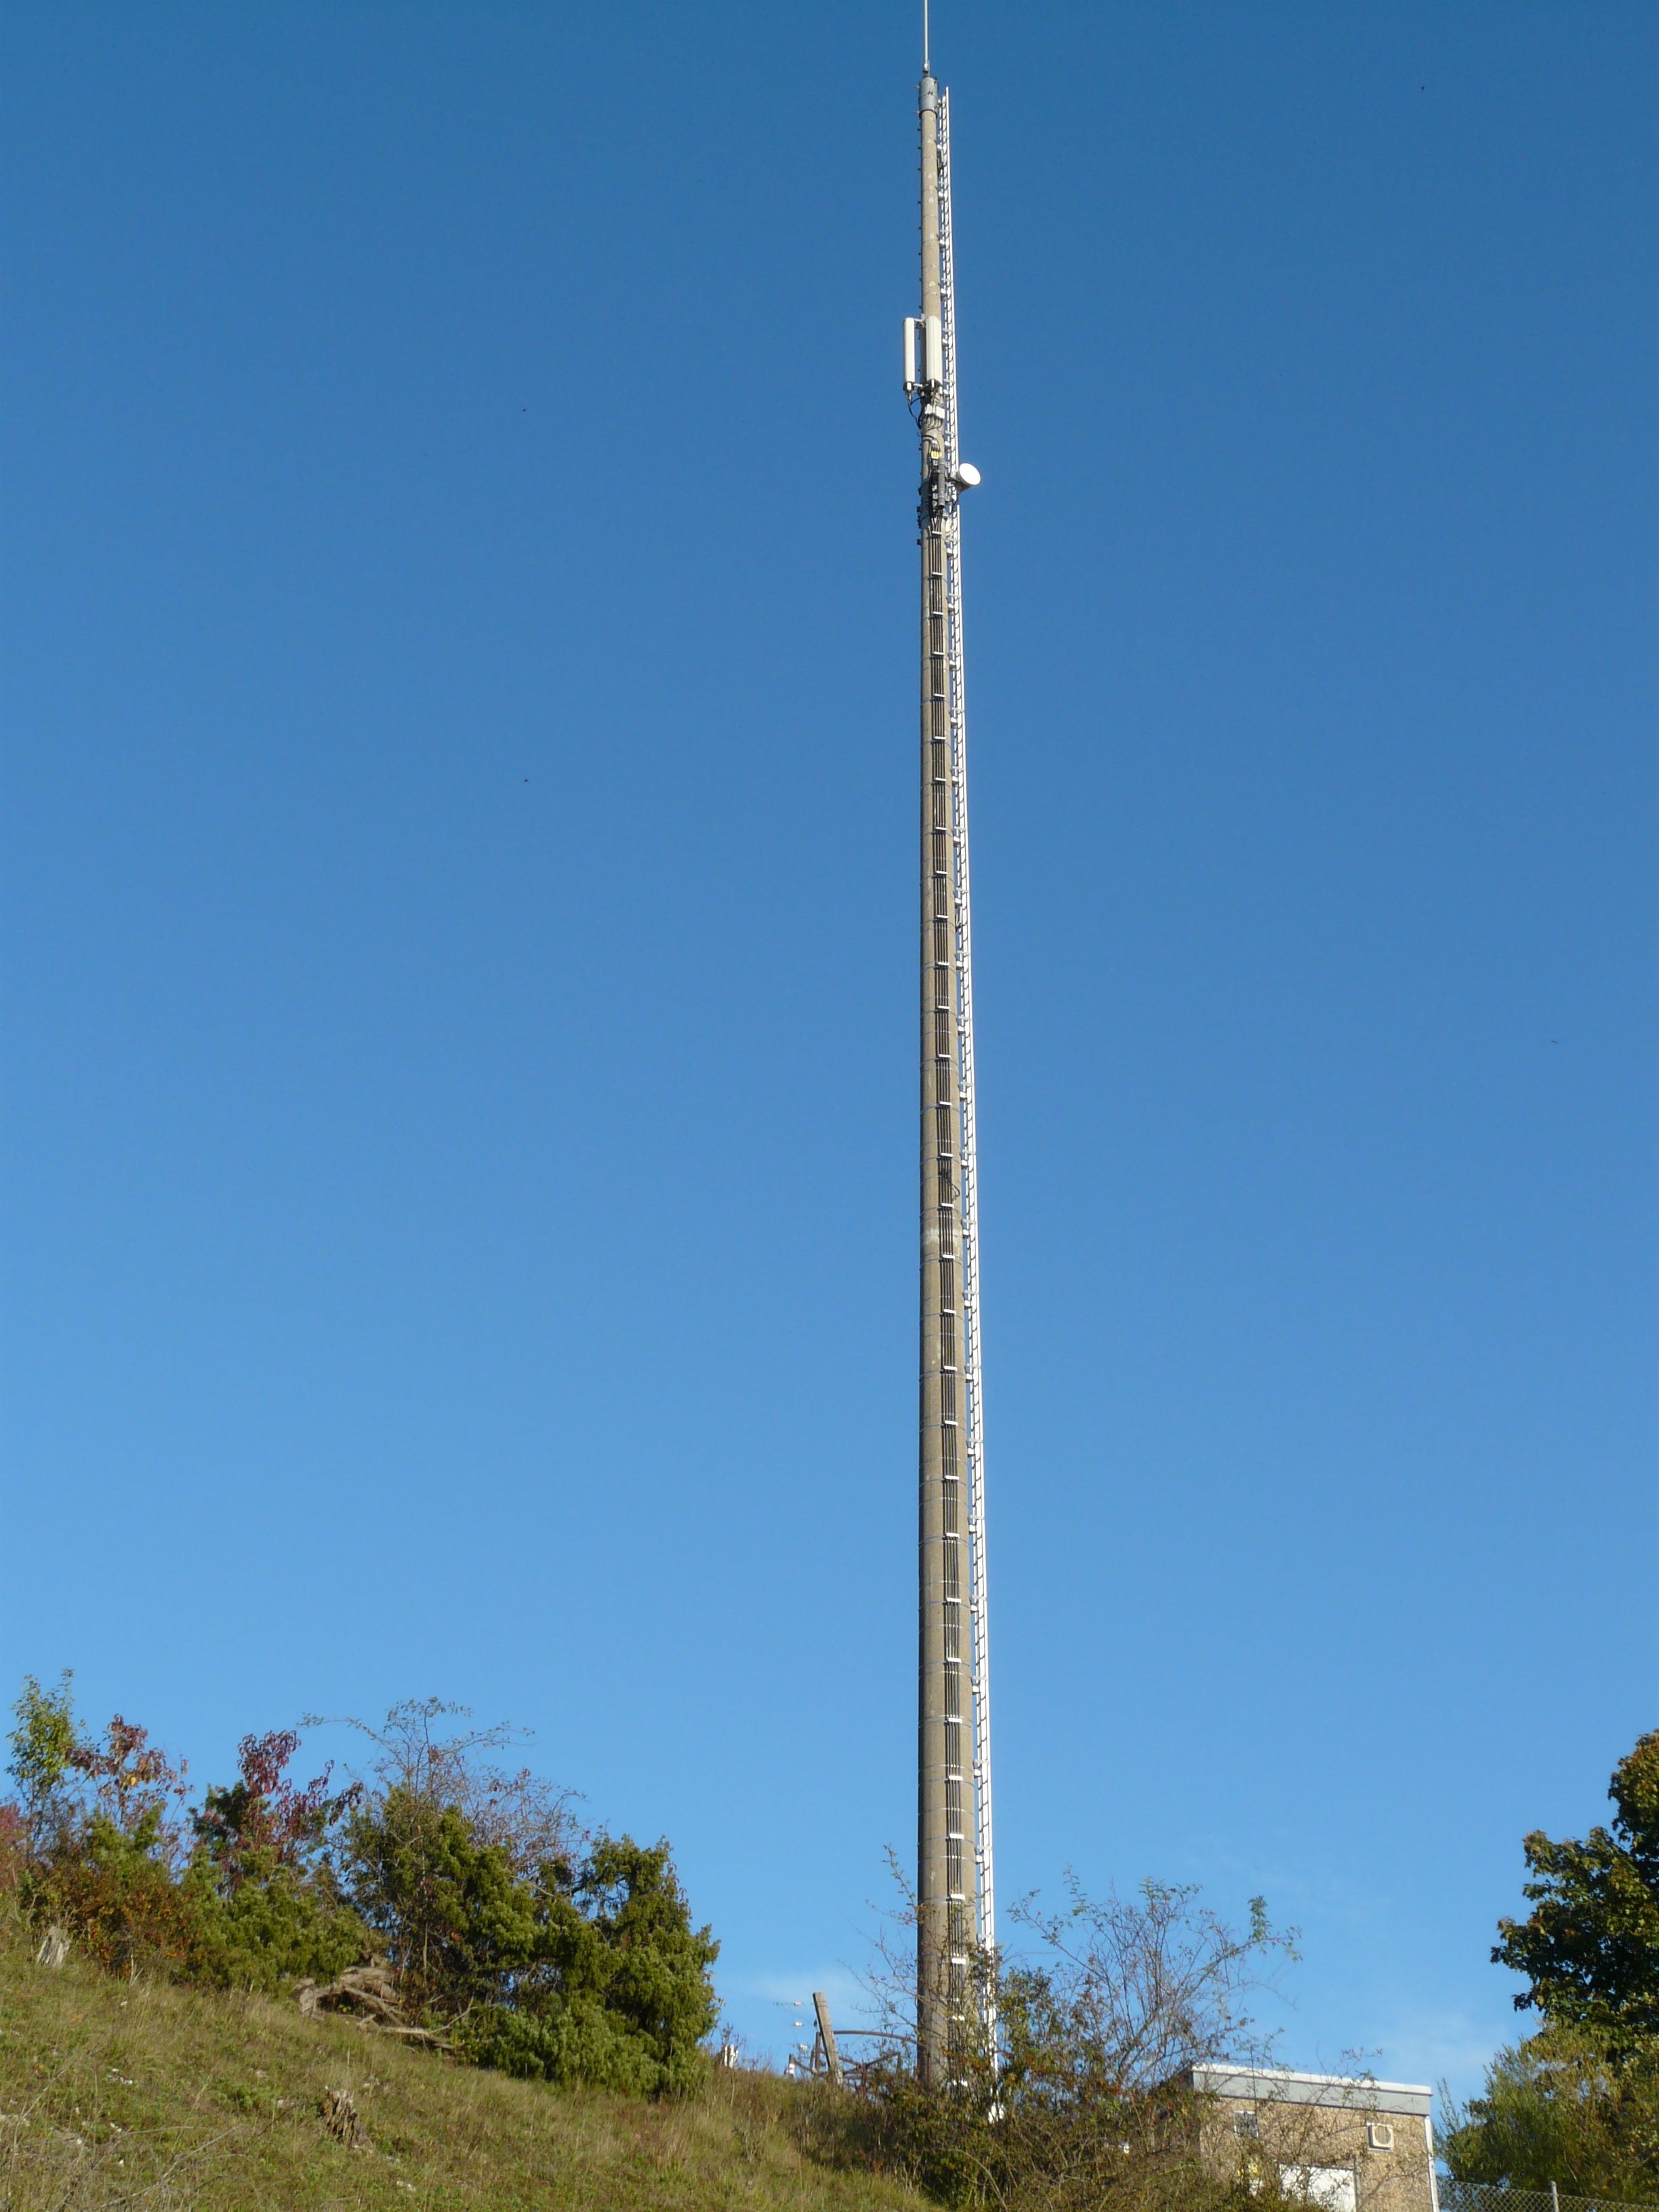 Free Images : sky, wind, range, communication, blue, telephone pole